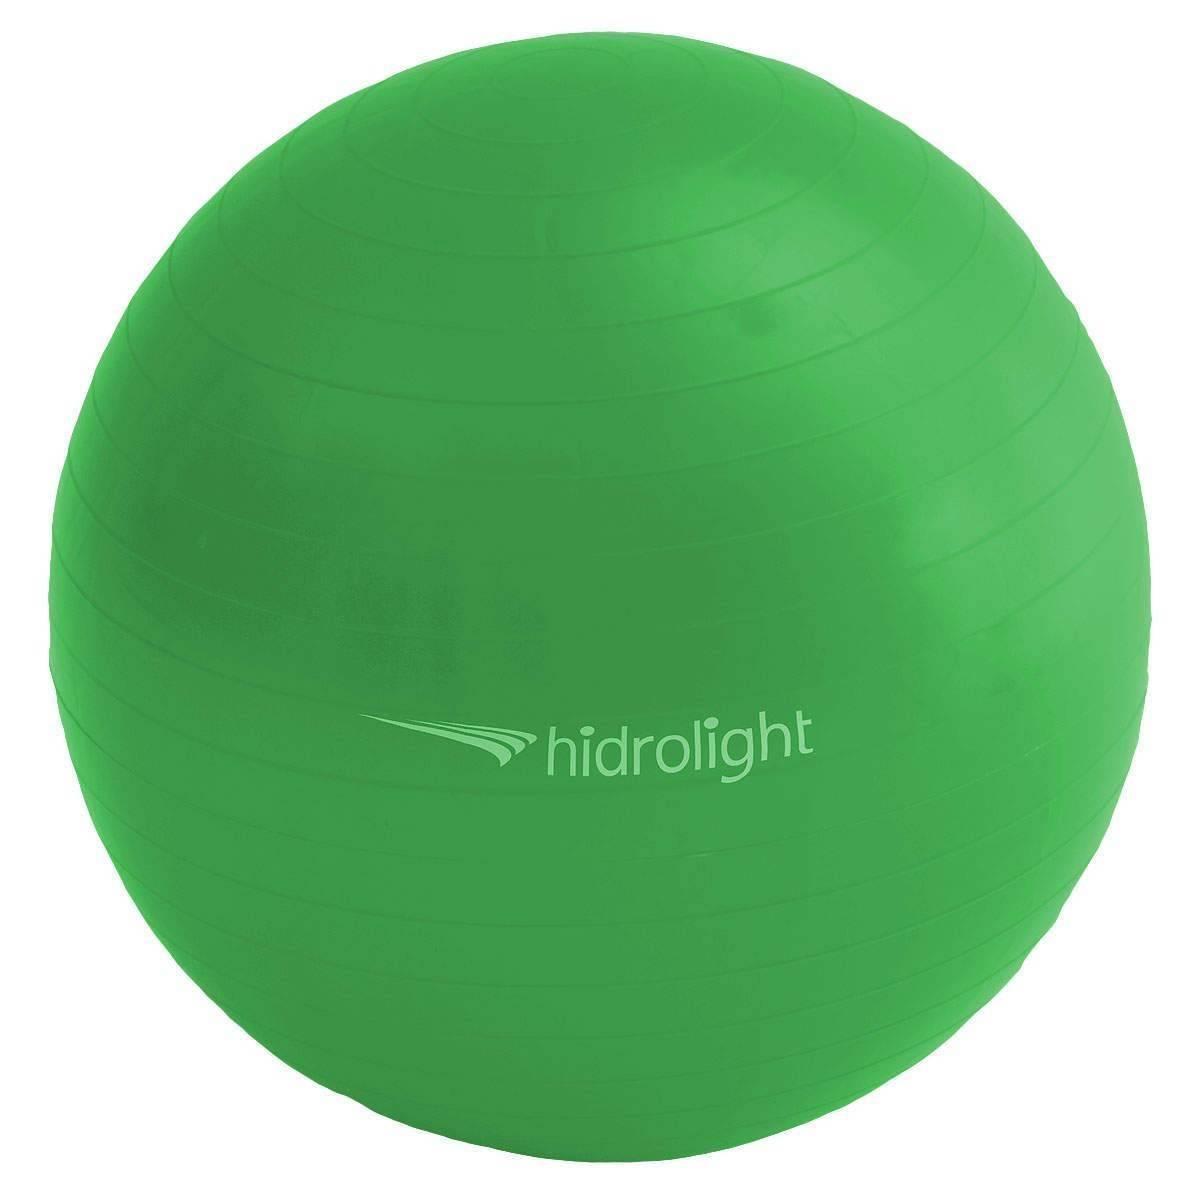 Bola Para Exercícios 65cm Hidrolight - Orto Curitiba